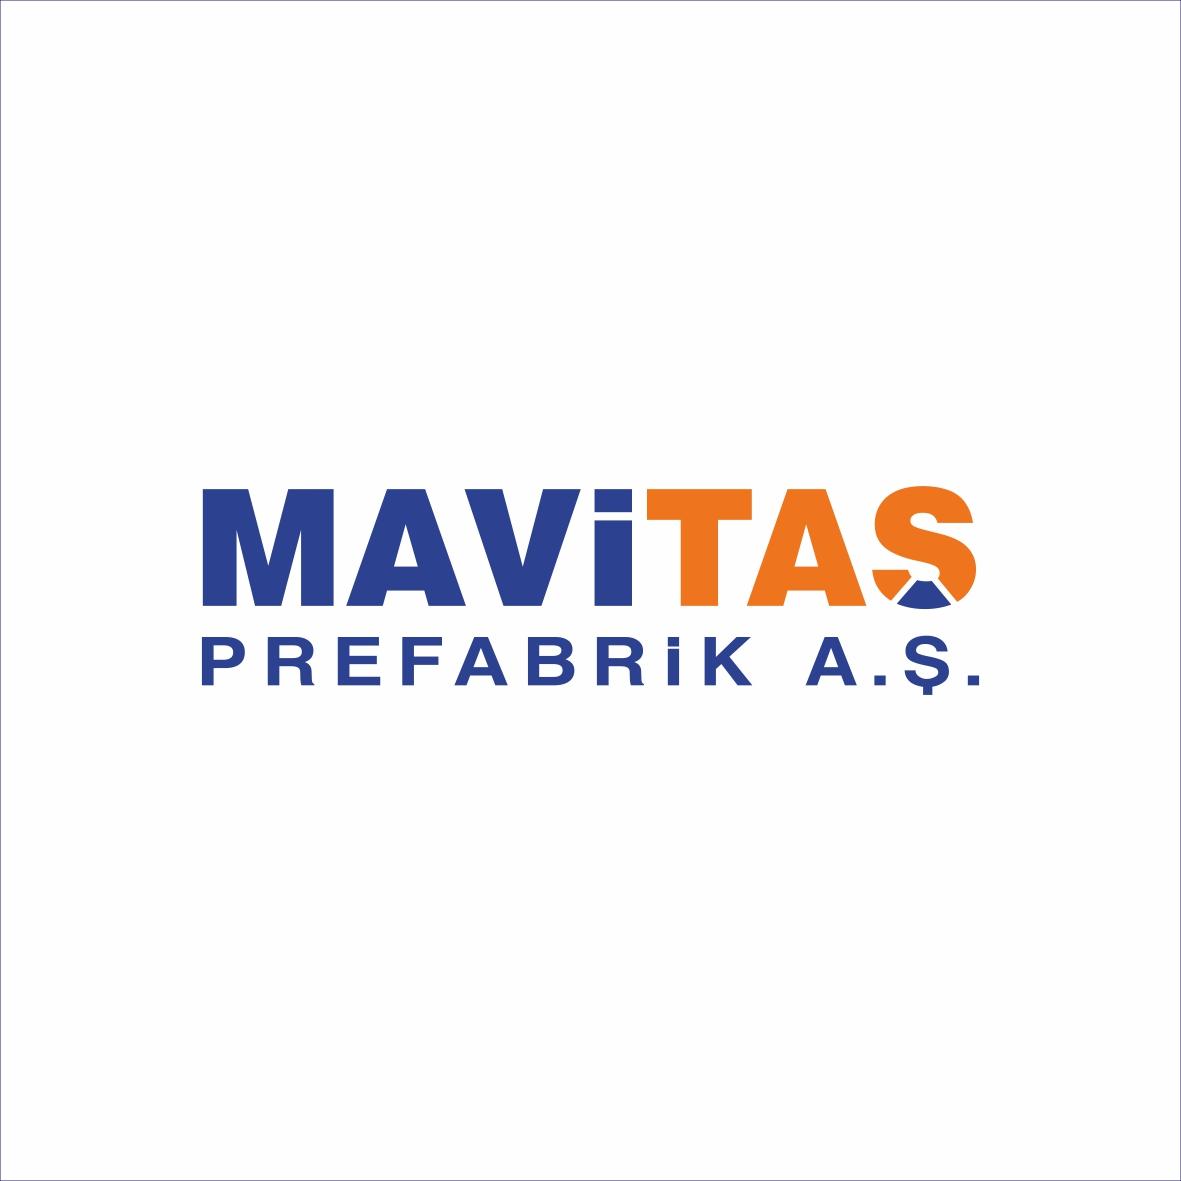 Mavitaş Prefabrik A.ş.